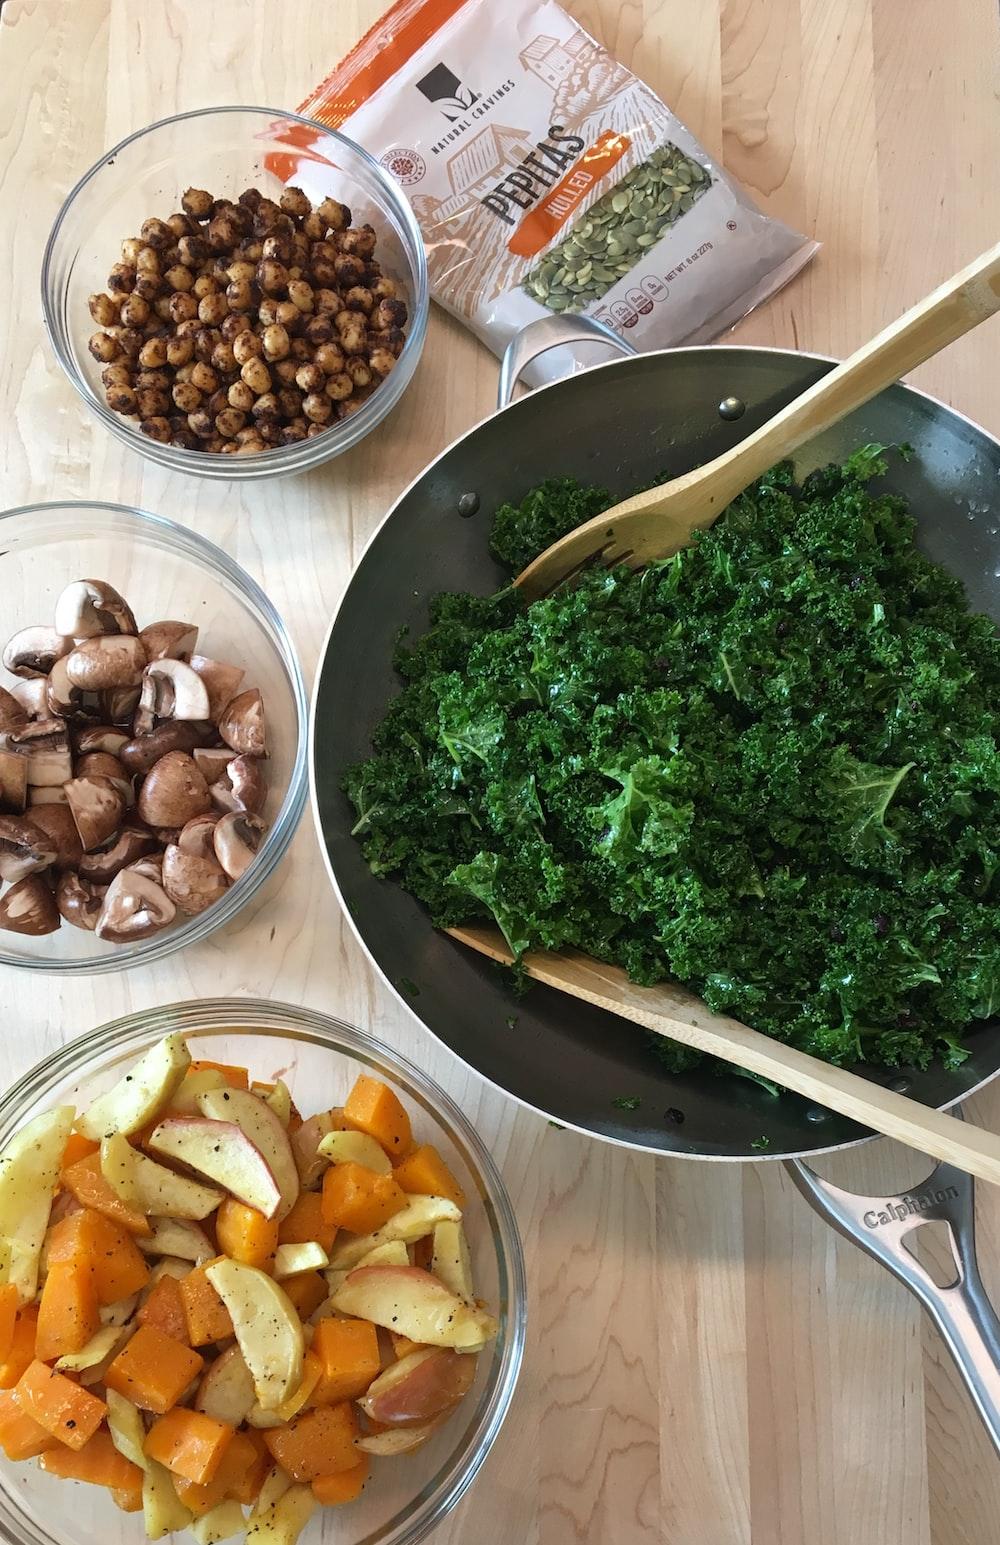 green vegetable on fan